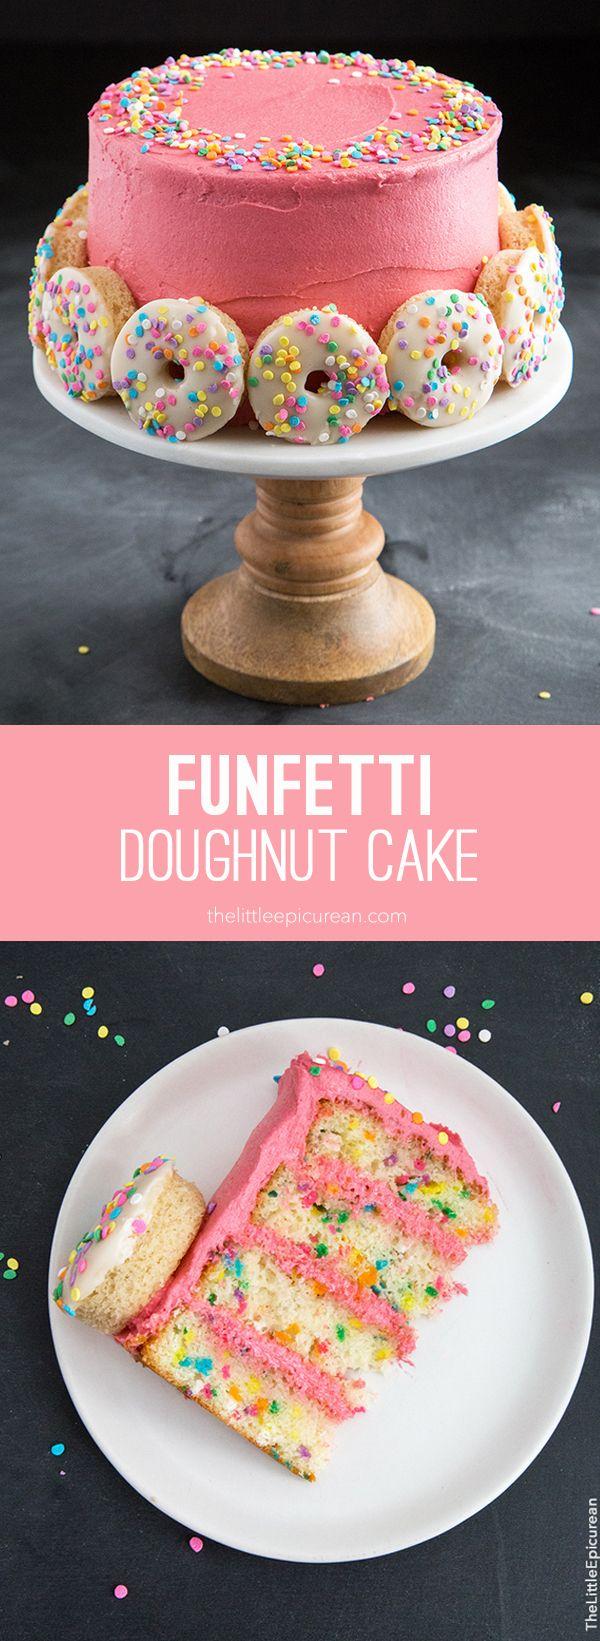 Funfetti Doughnut Cake #donutcake